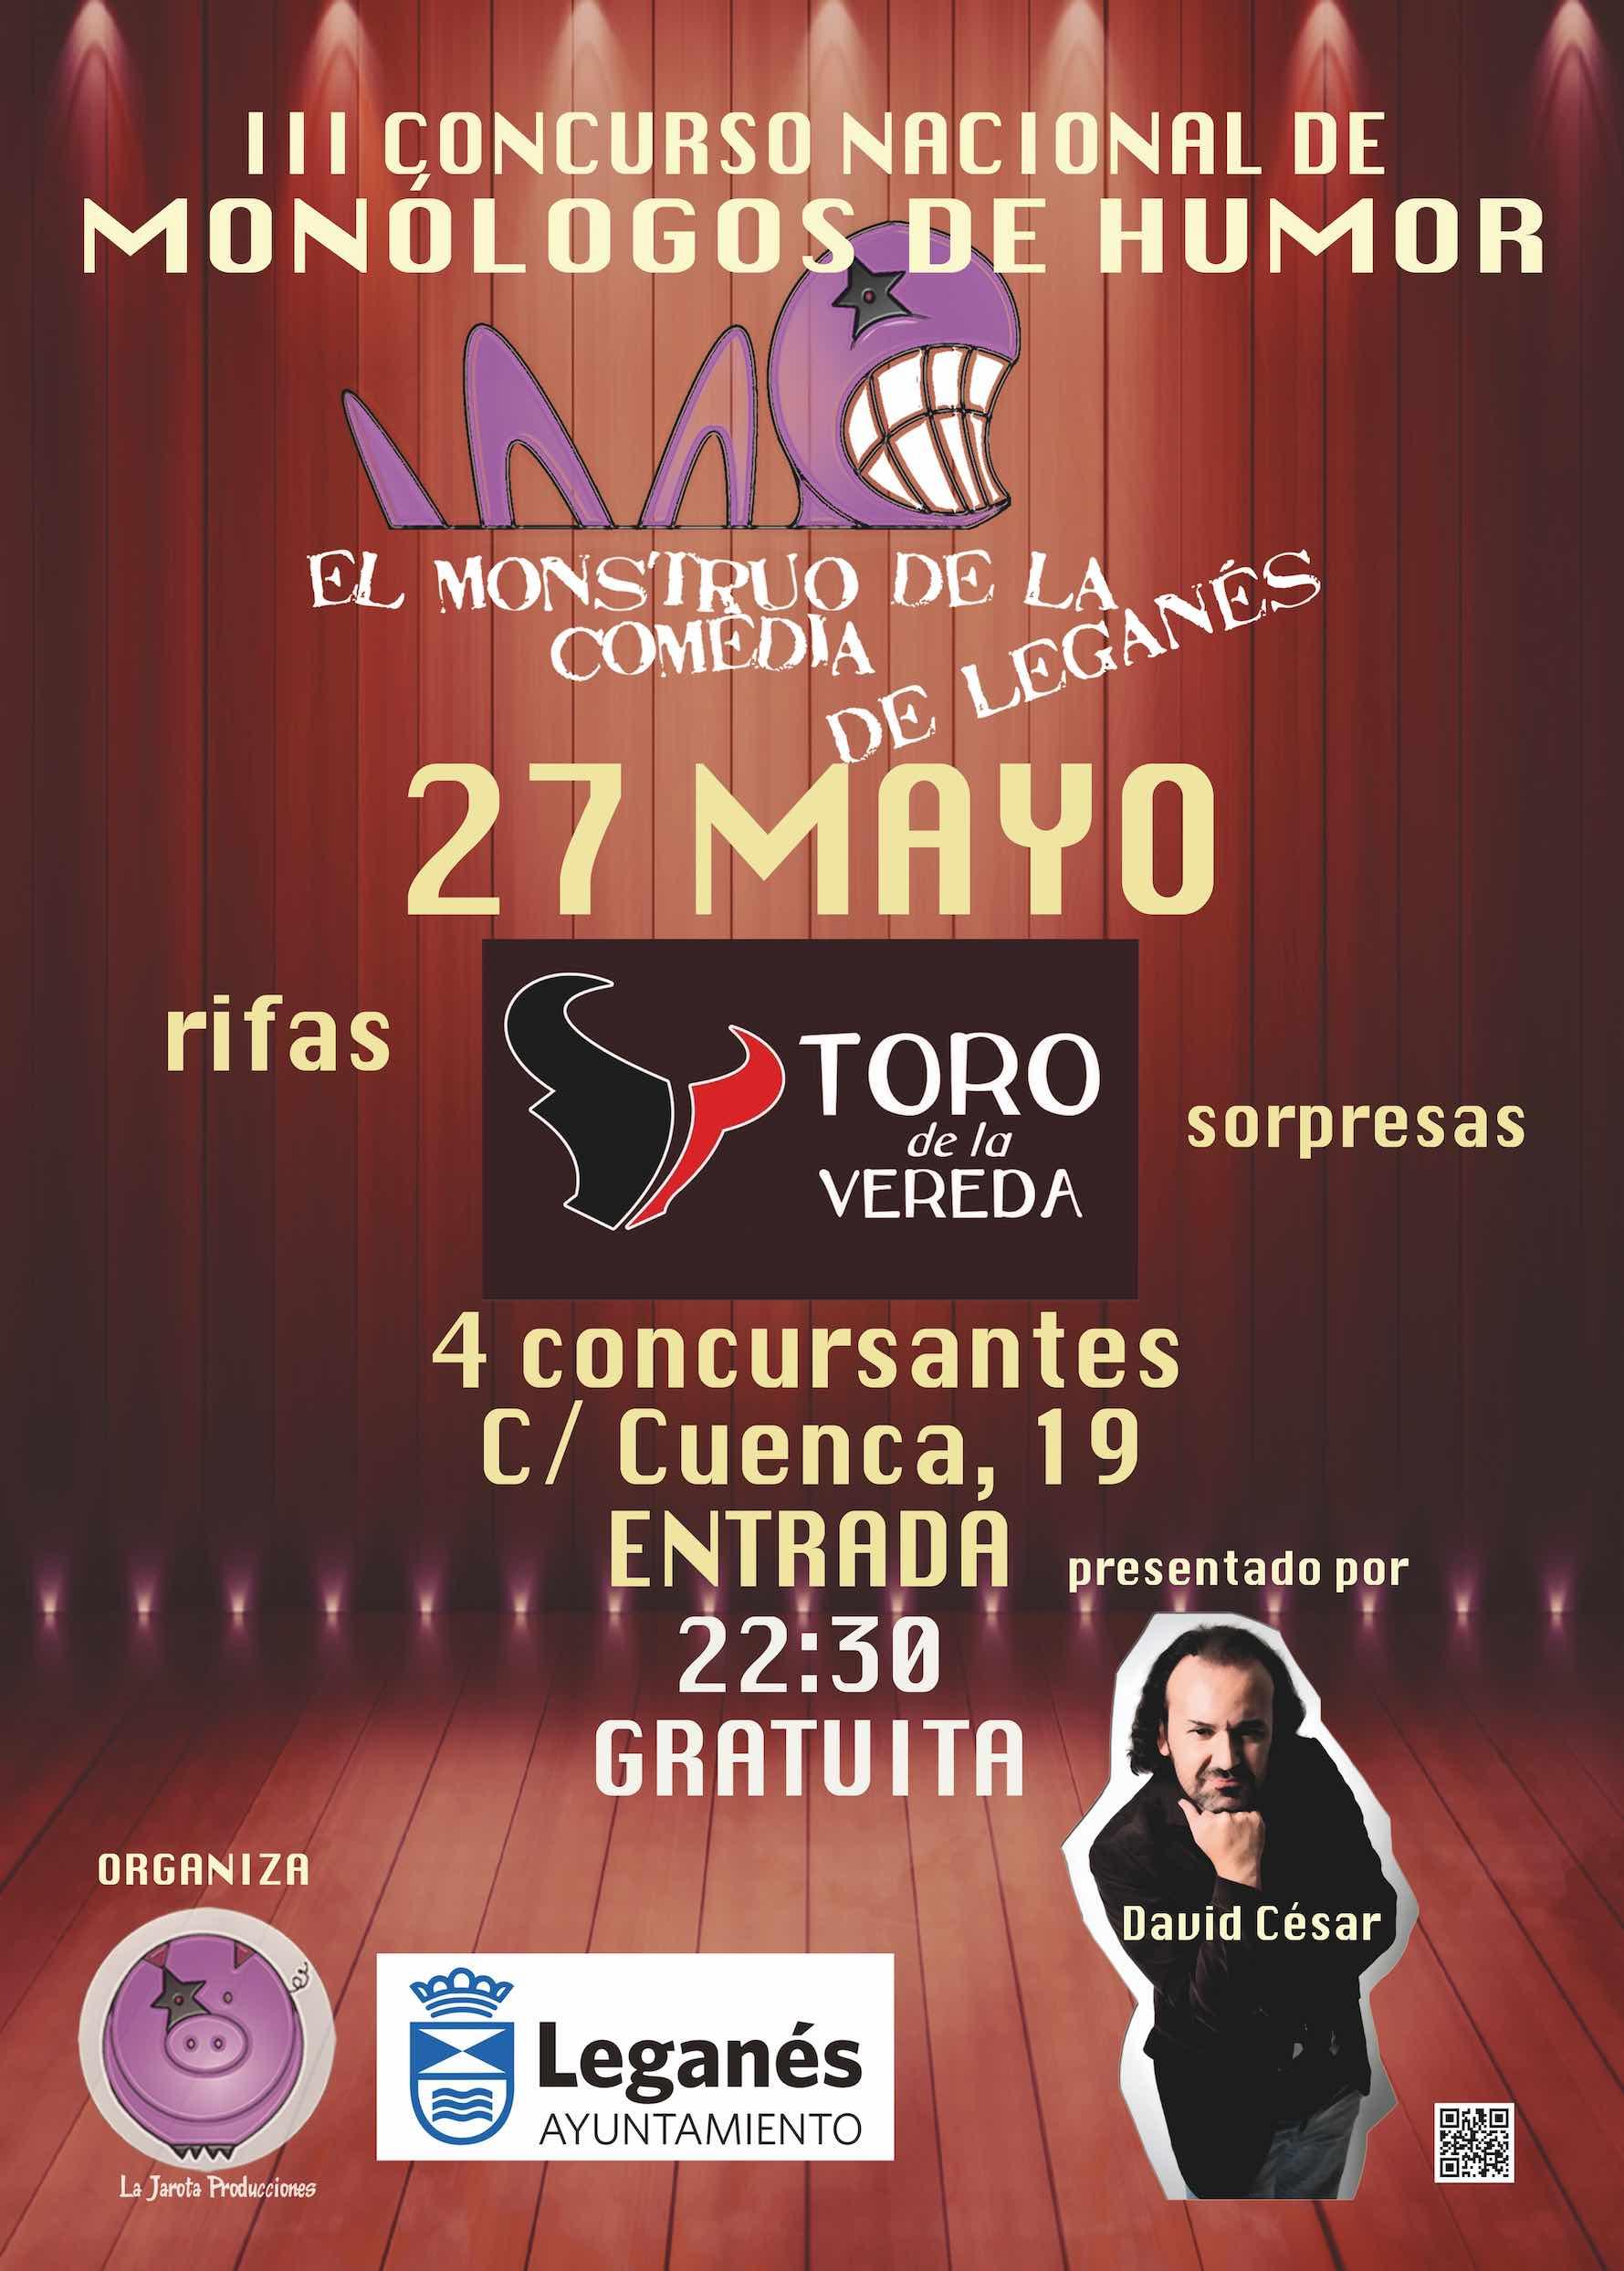 El Monstruo de la Comedia de Leganés - III ¡Tercera Semifinal!